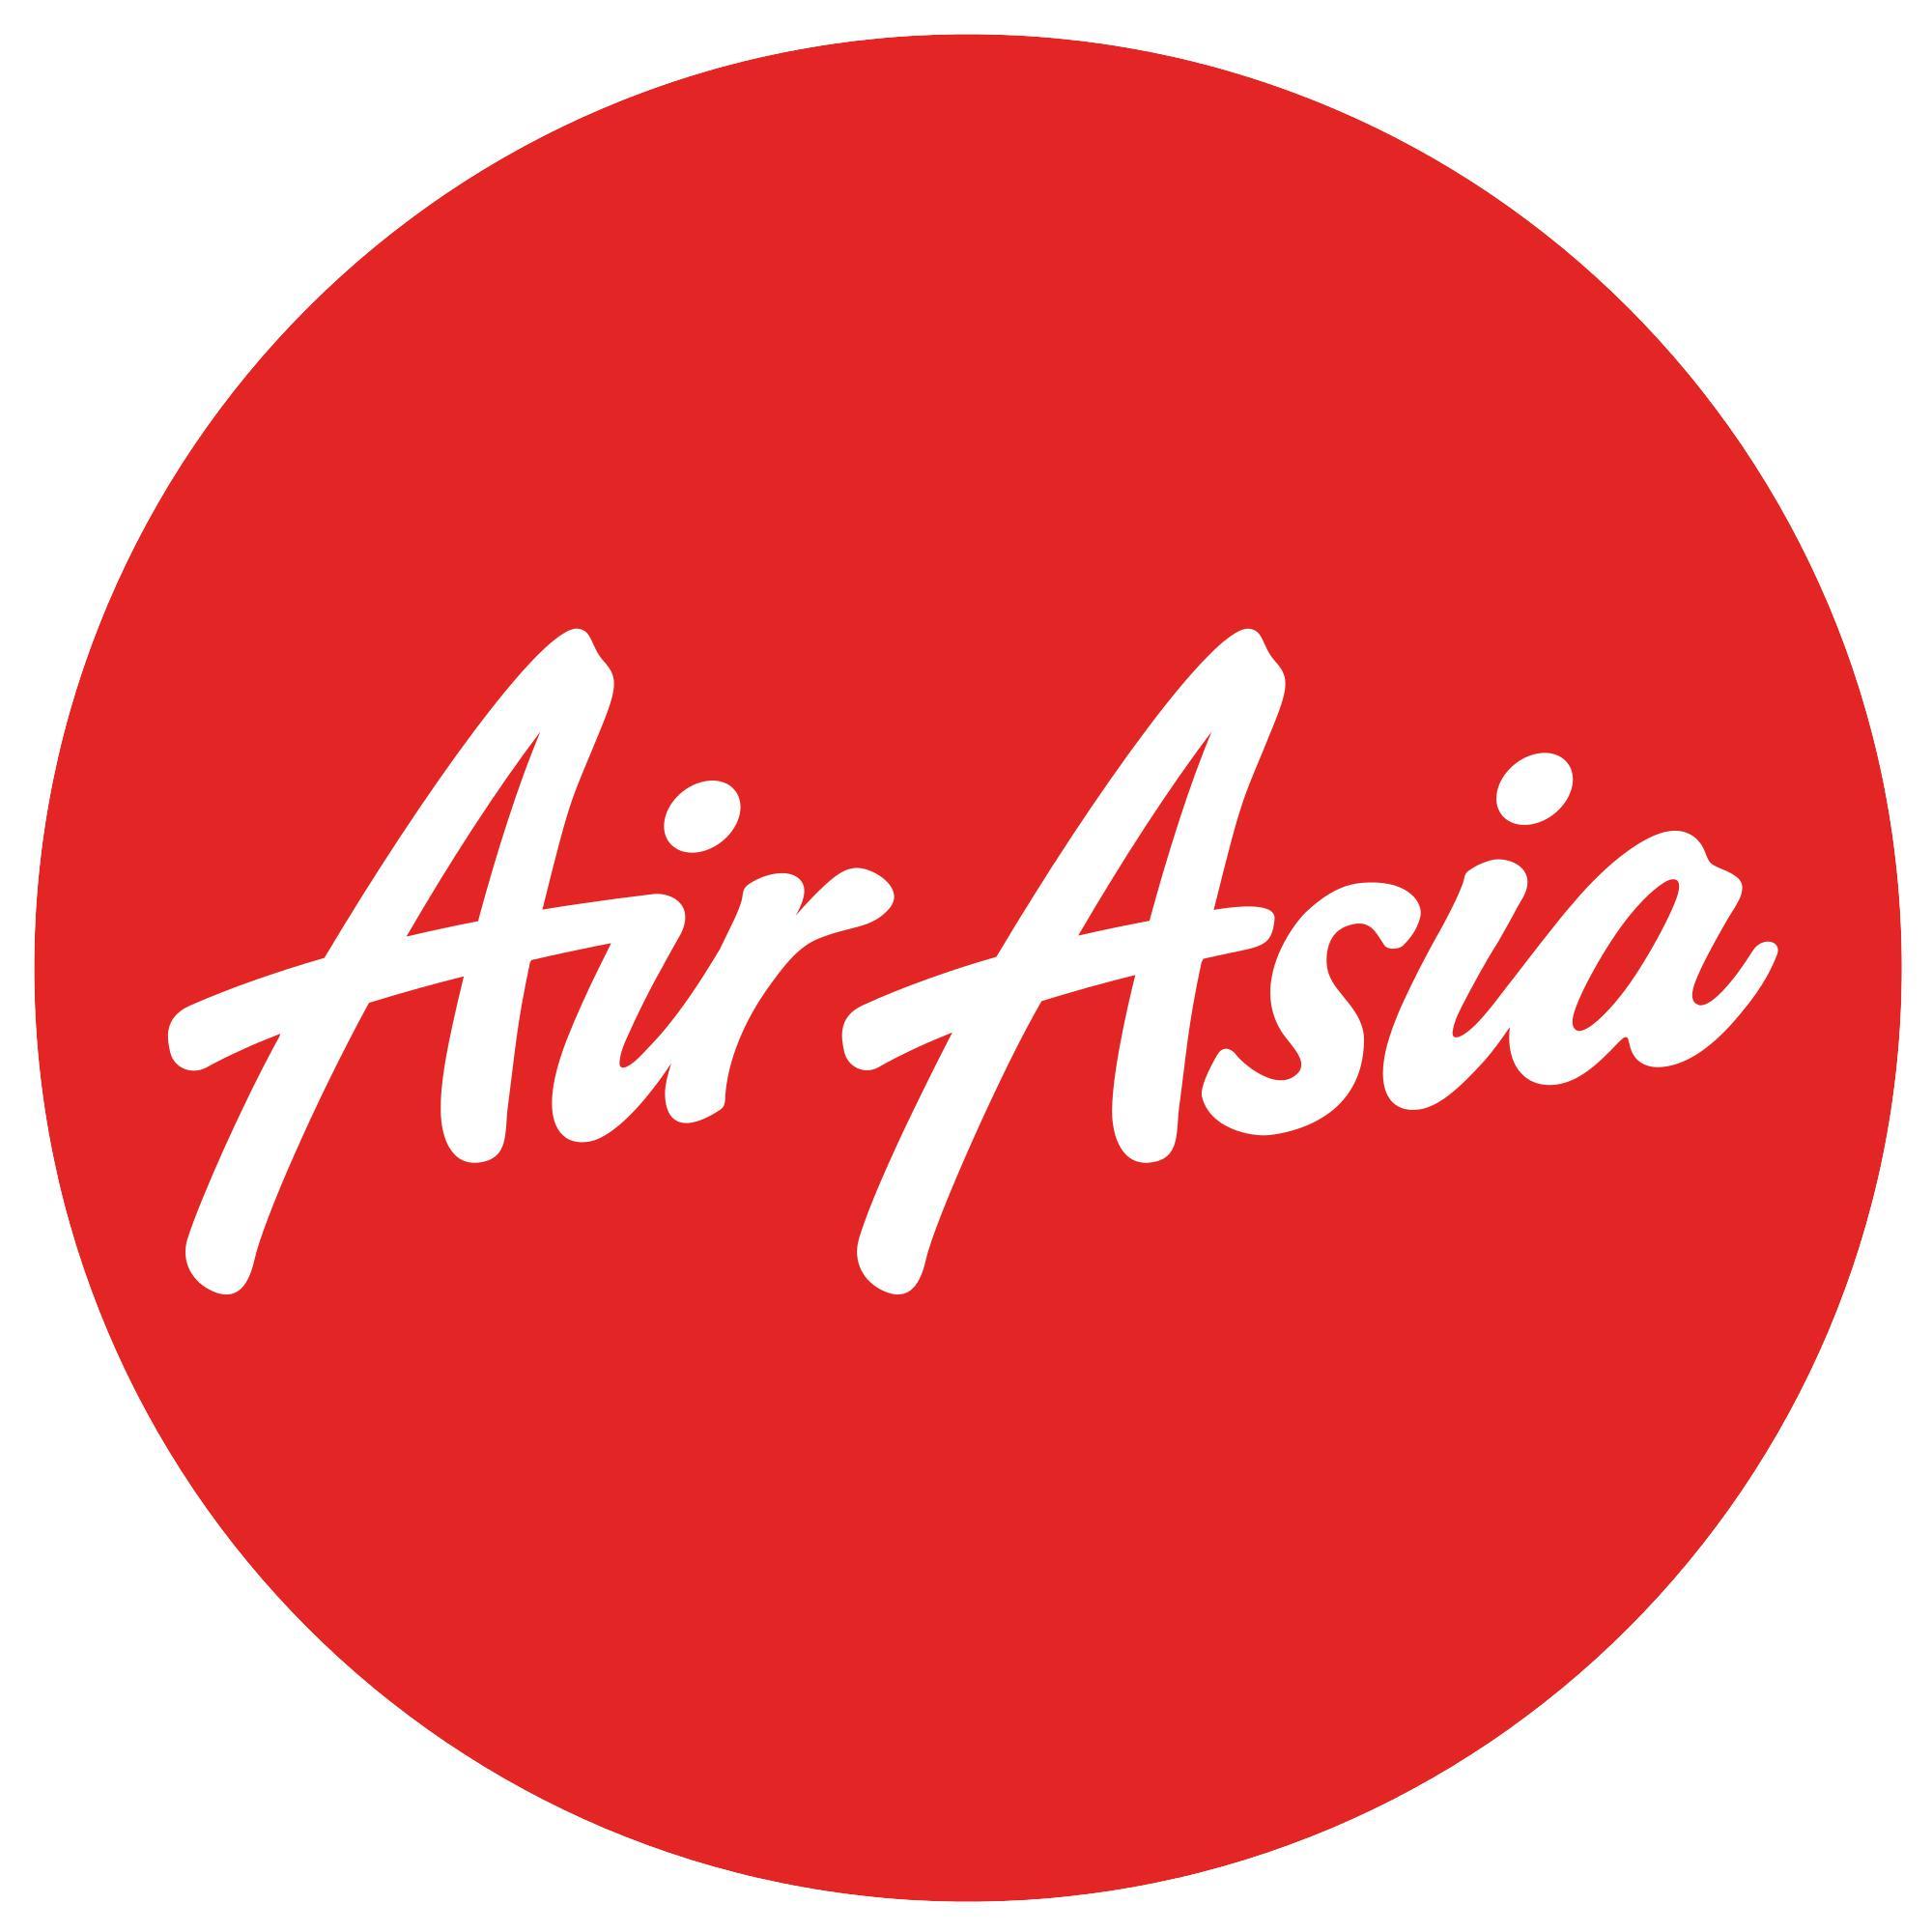 Vols intérieurs en Asie pour des voyages du 15 Février 2016 au 31 Août